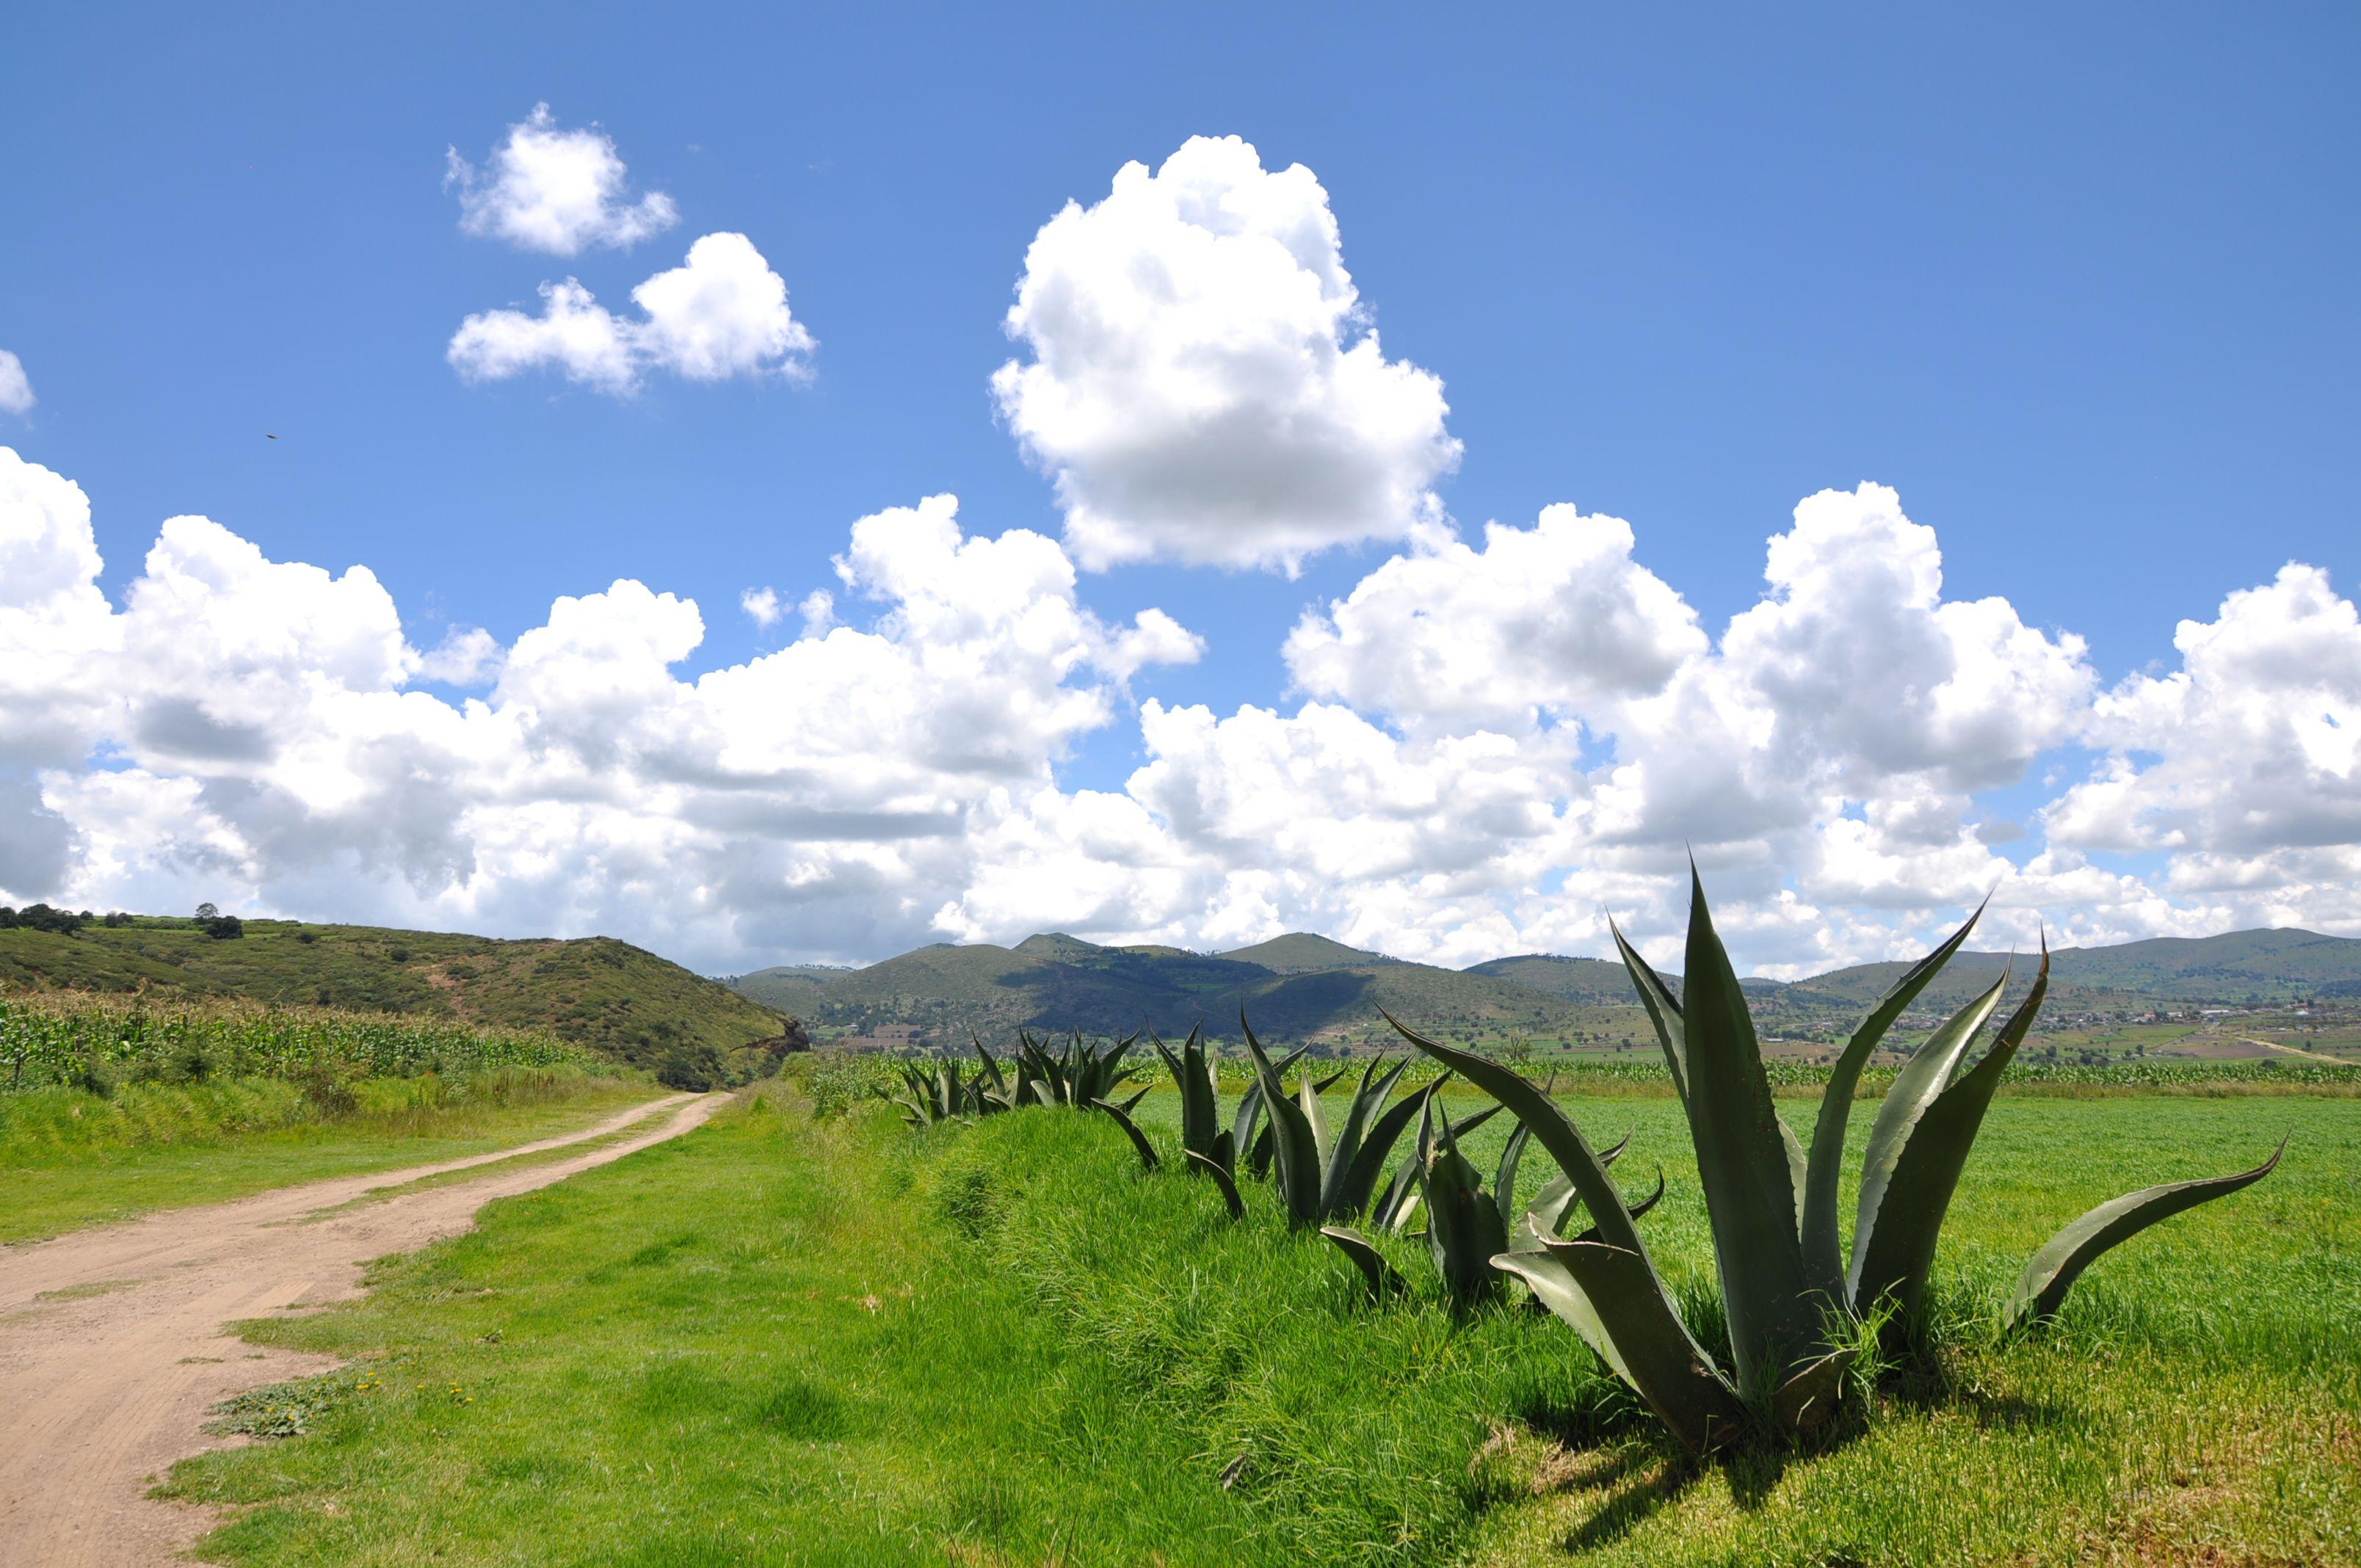 Tecoaque, Tlaxcala